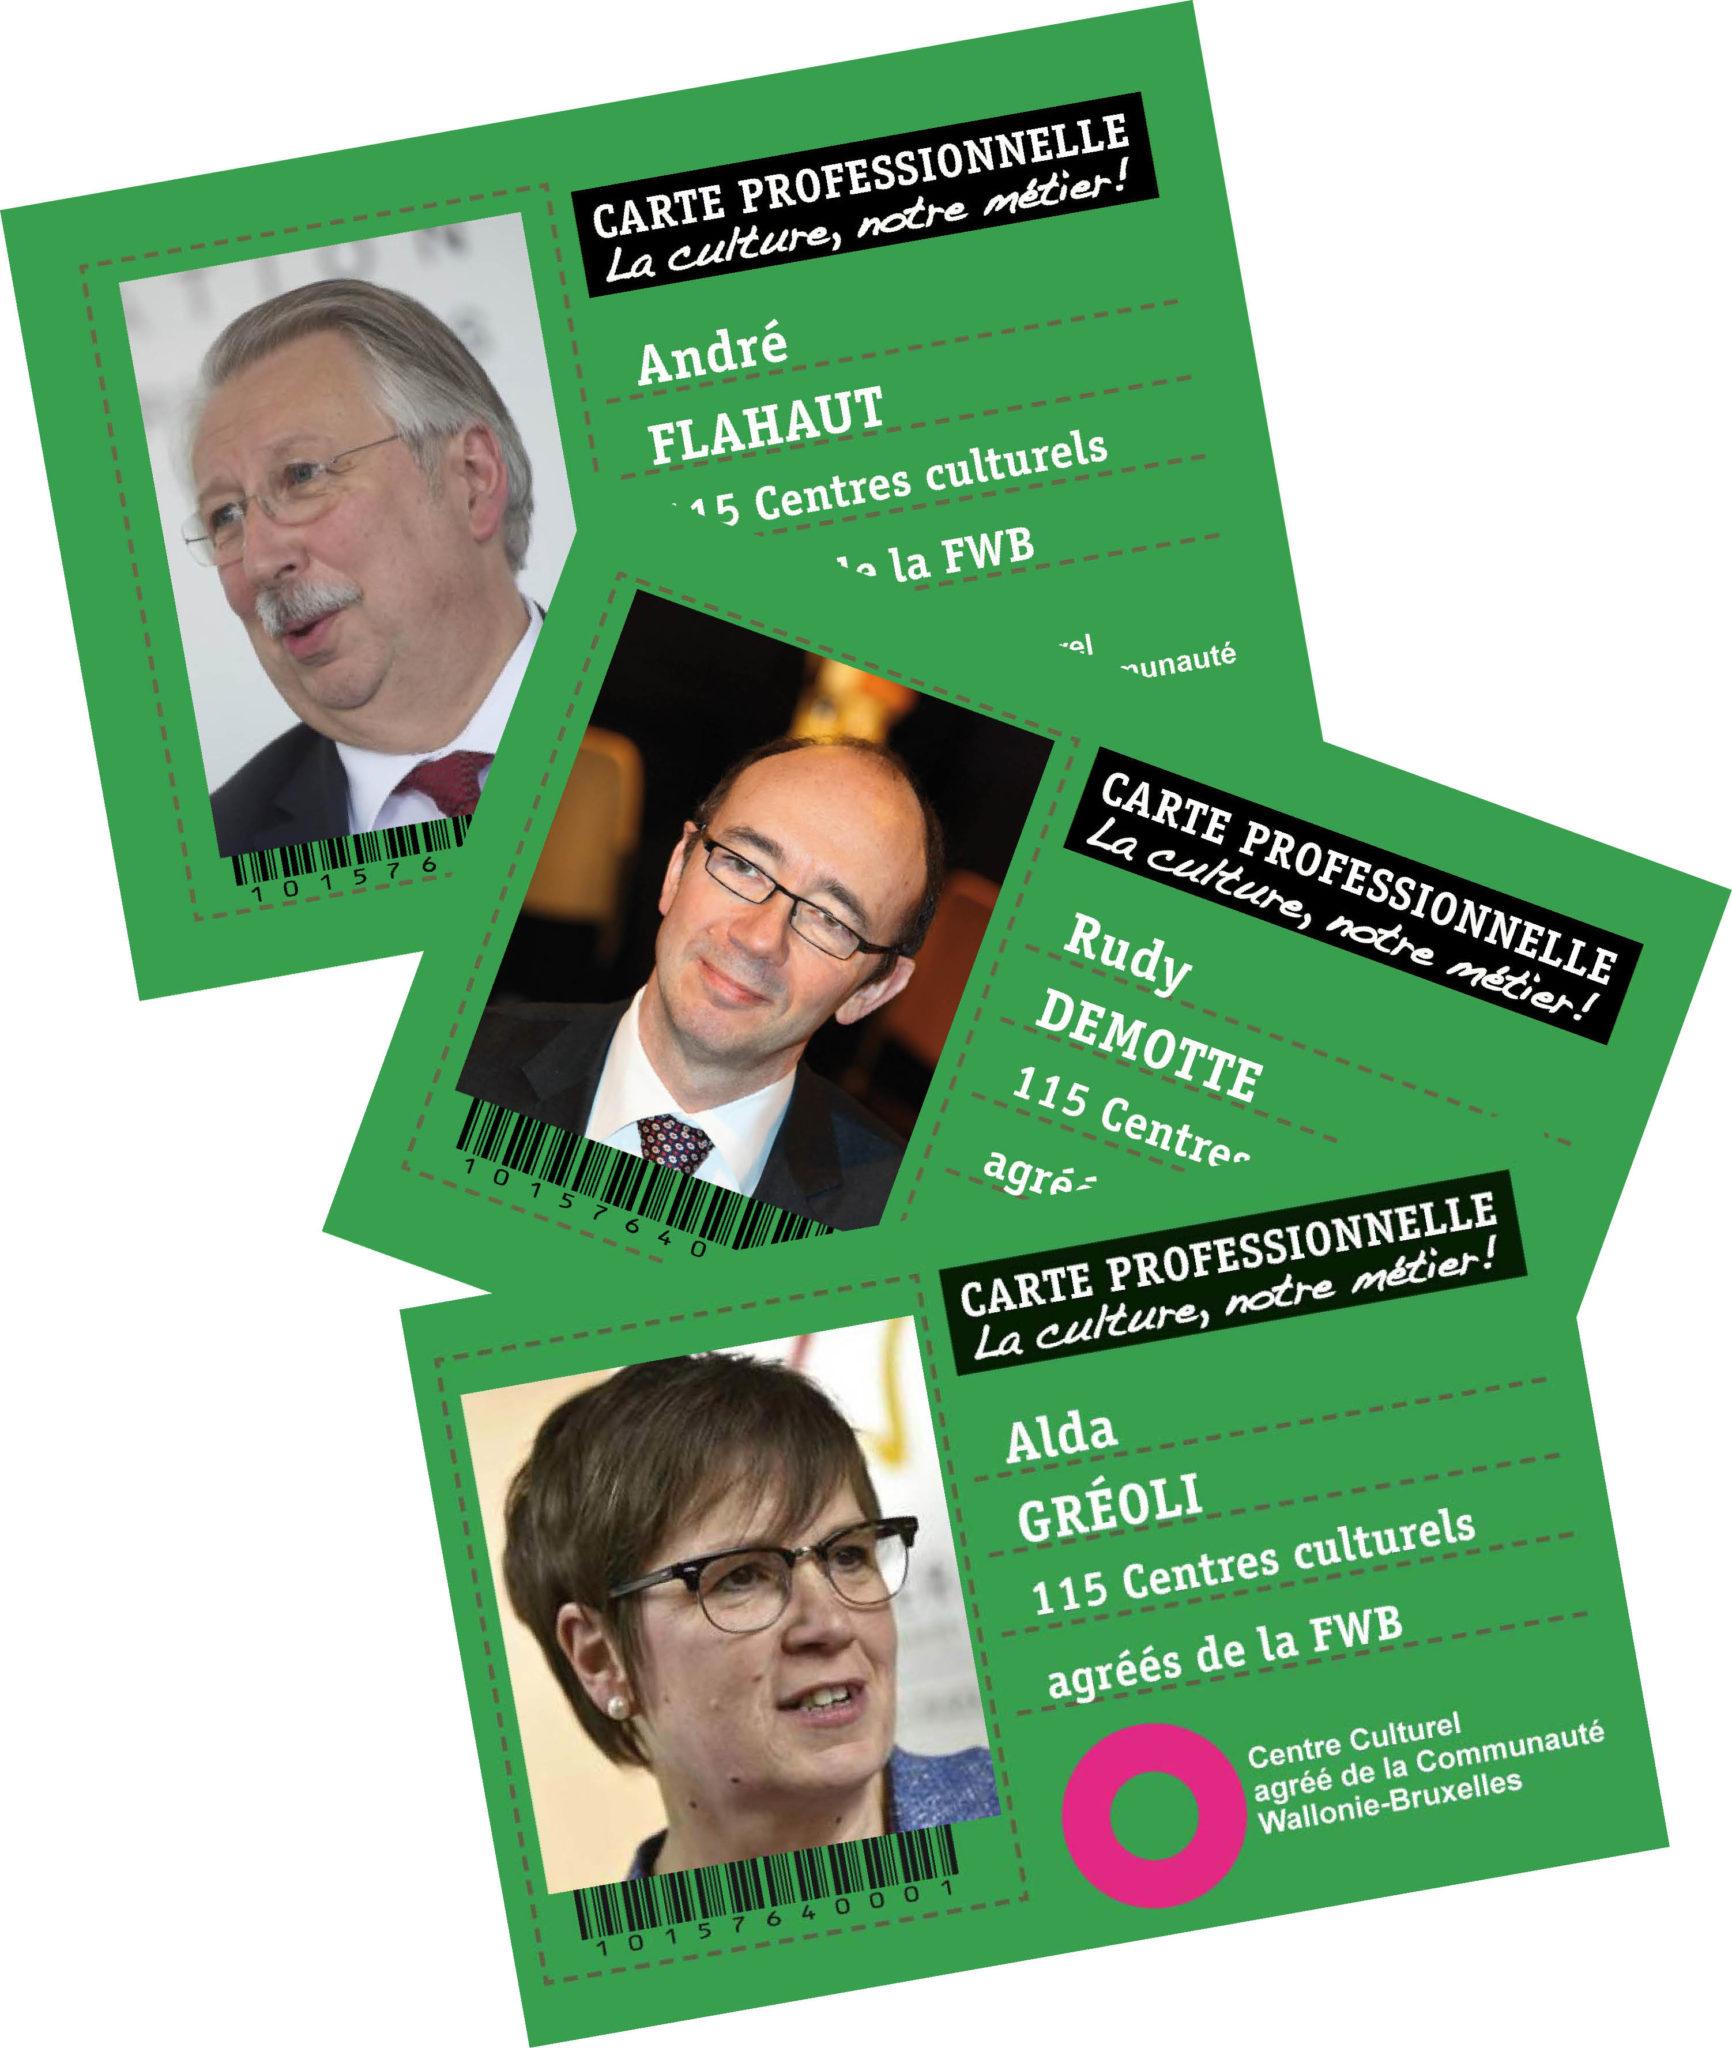 Cartes pro 3 ministres